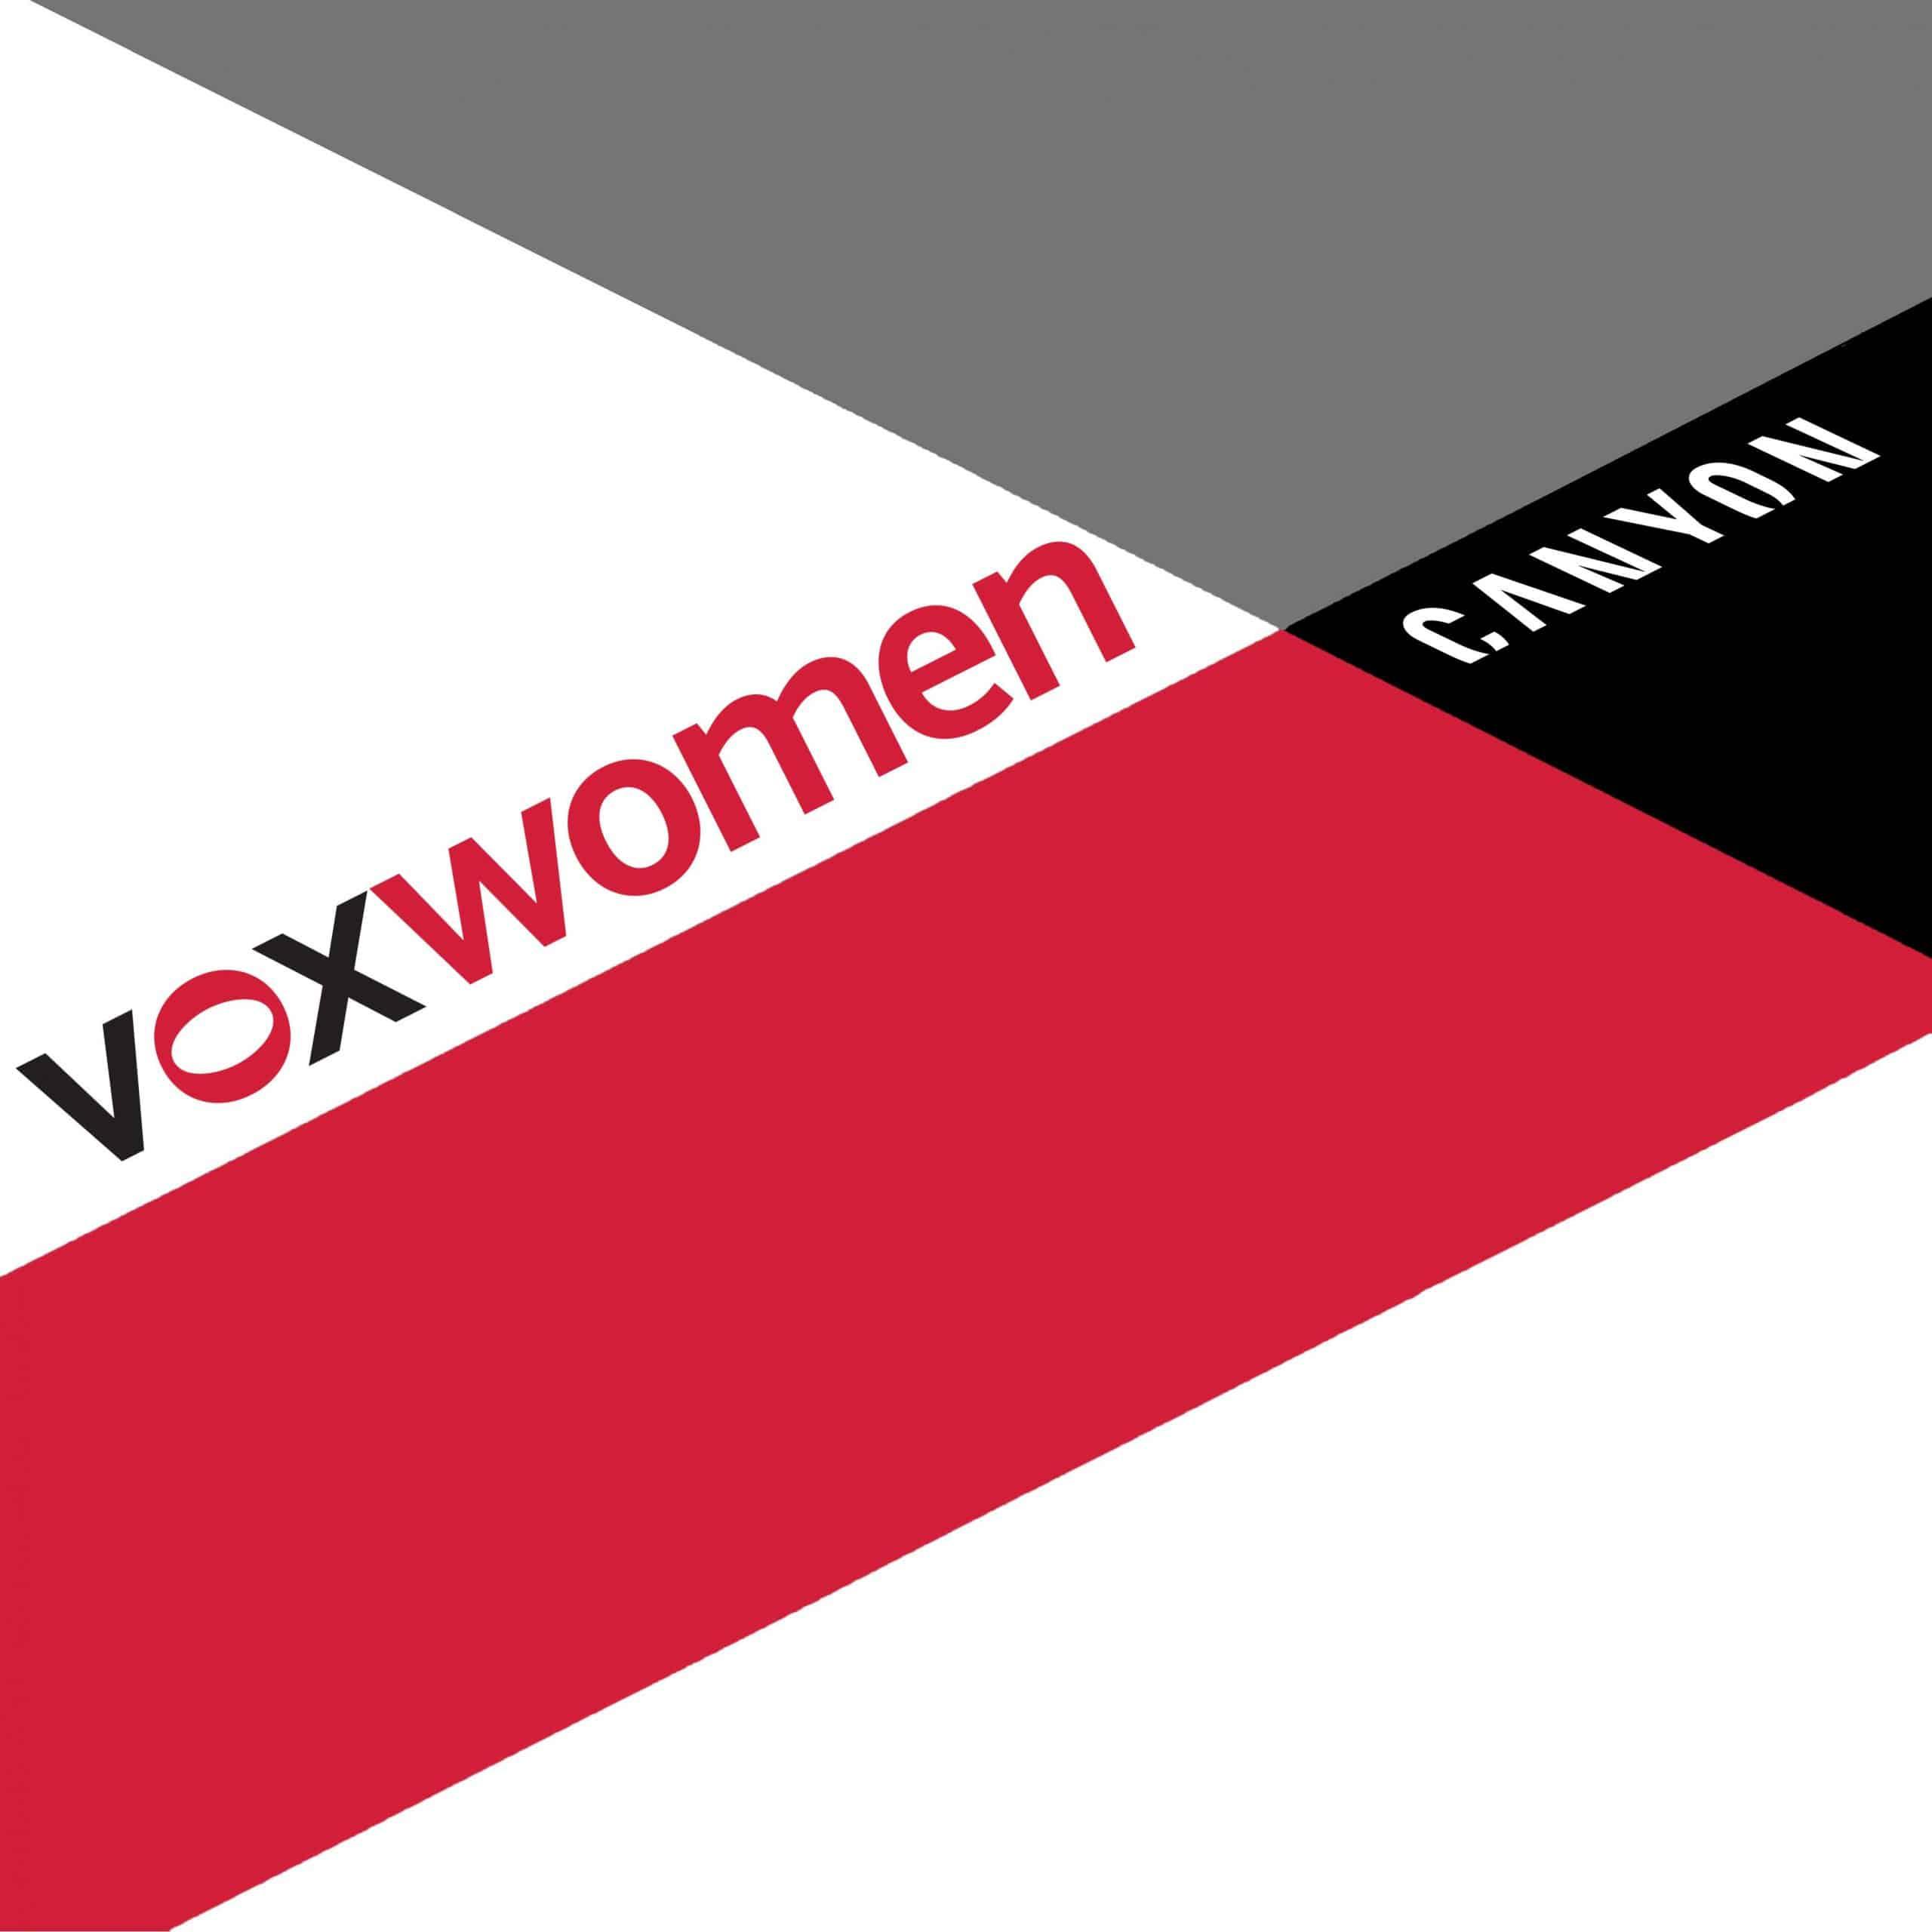 Voxwomen icon for all